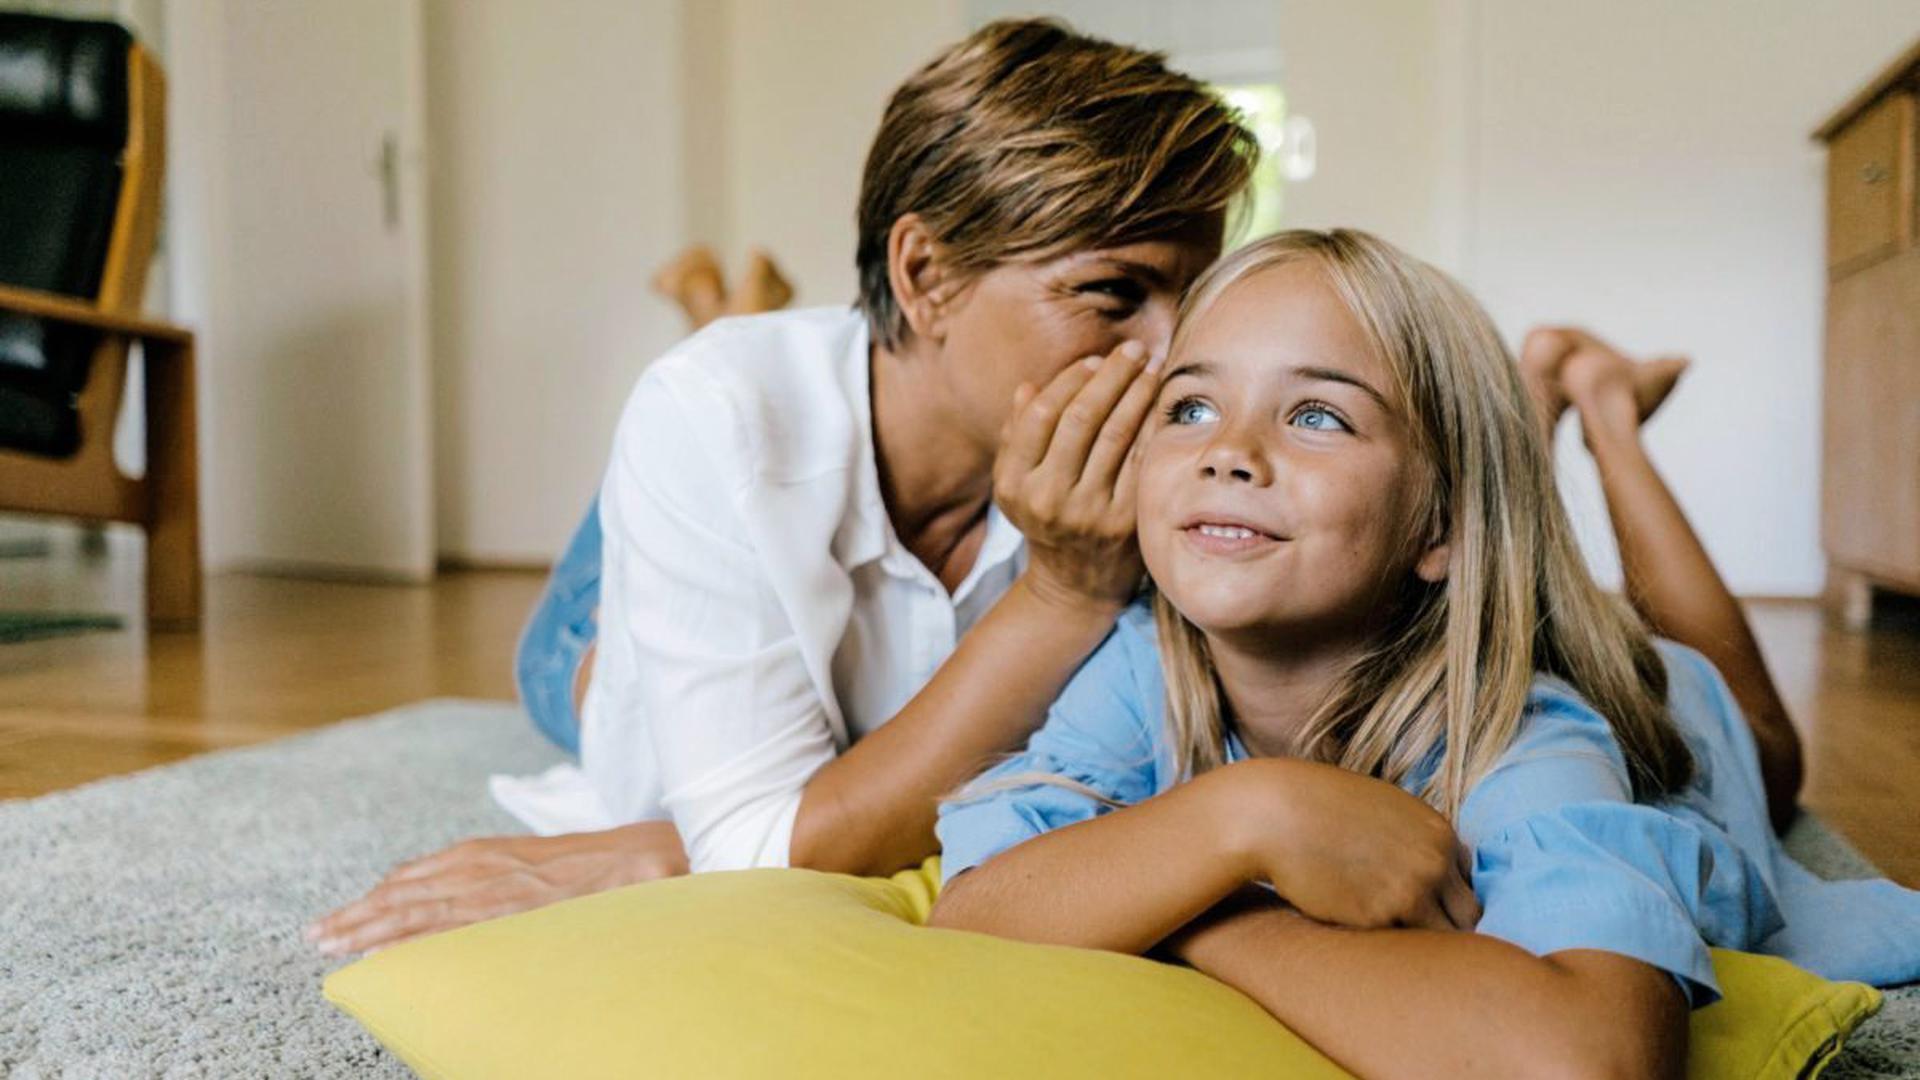 Die geheime Sprache der Familien besteht meistens aus einzelnen Wörtern oder grammatikalischen Besonderheiten.